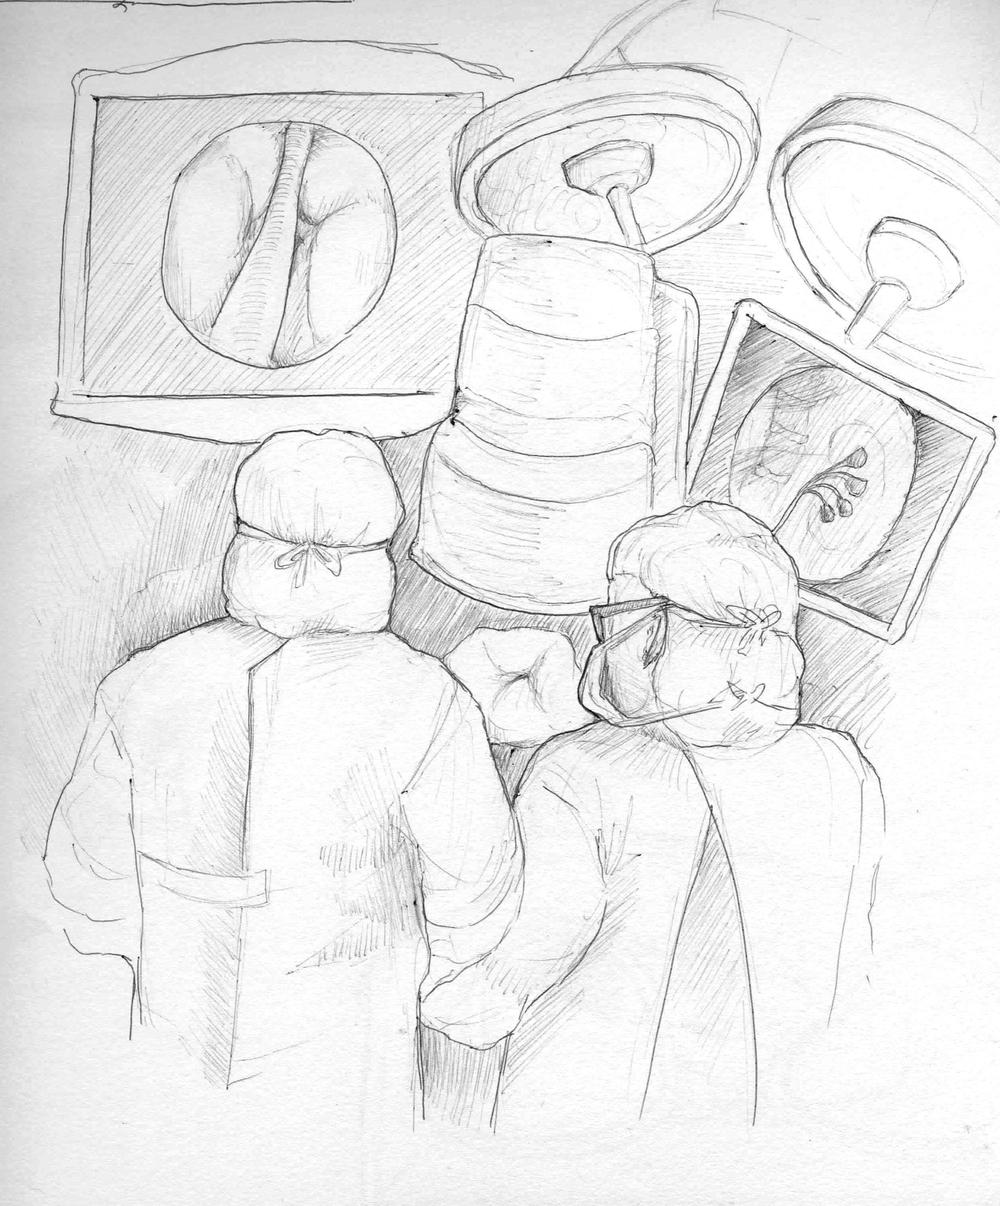 ChandlerR_Sketches-6.jpg